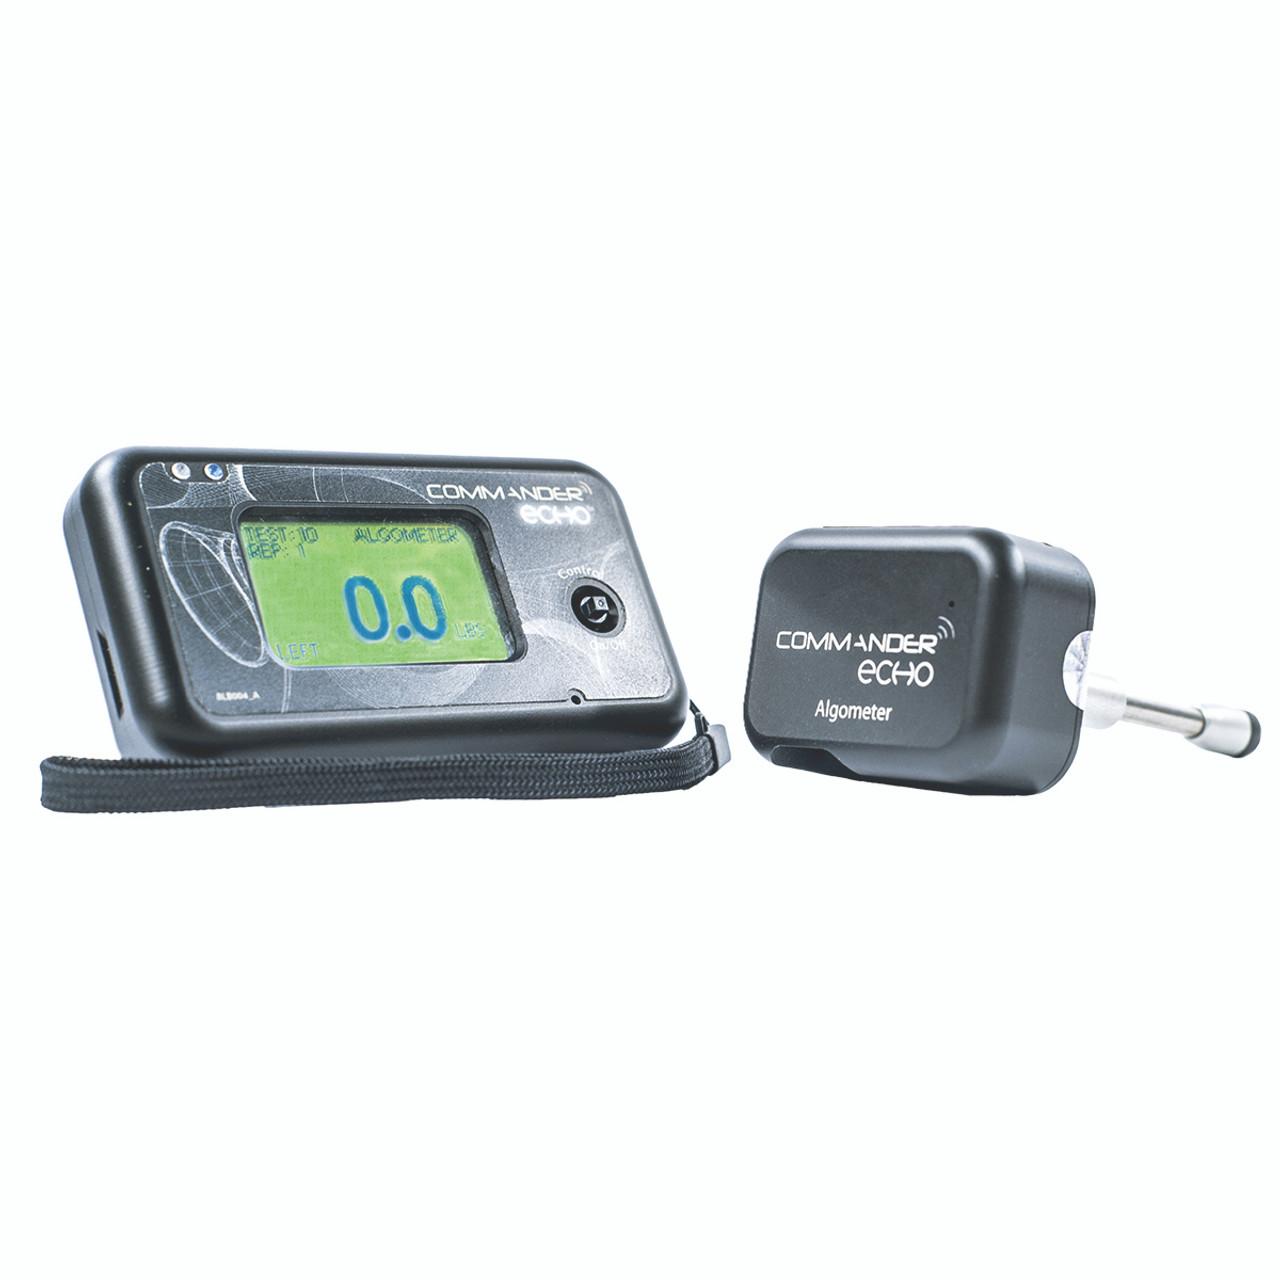 JTECH Medicalª Commander Echo - Algometer with console